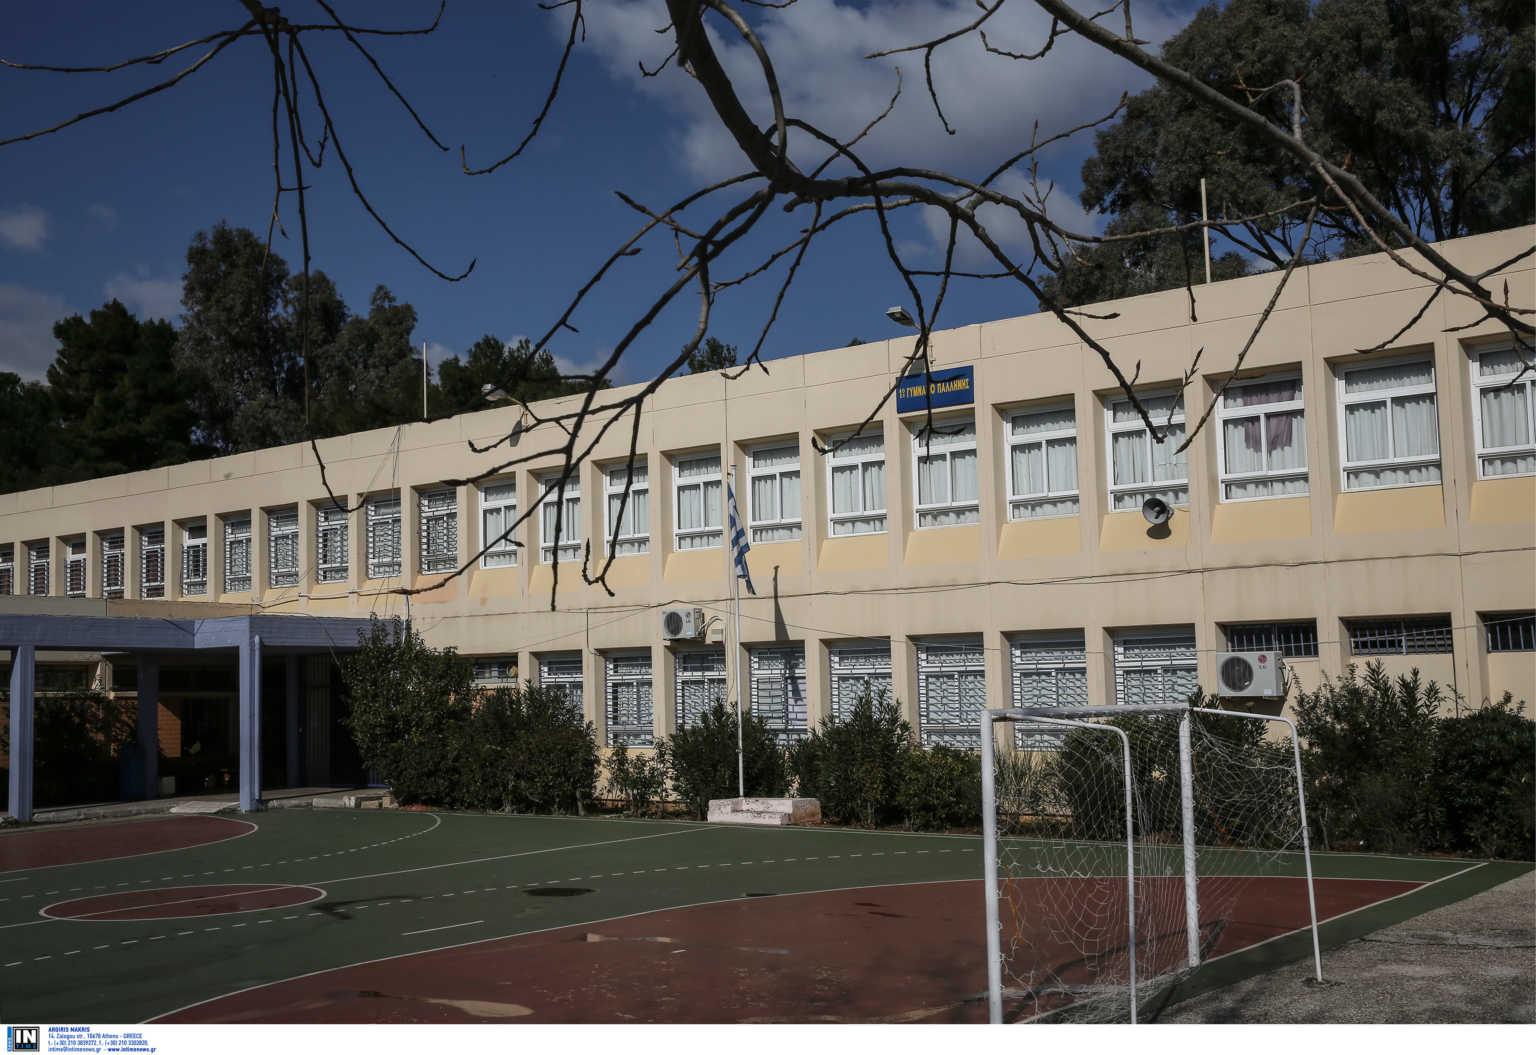 Αγρίνιο: Μπούκαραν σε σχολείο, έγραψαν βρισιές στον πίνακα και έκαψαν χάρτη